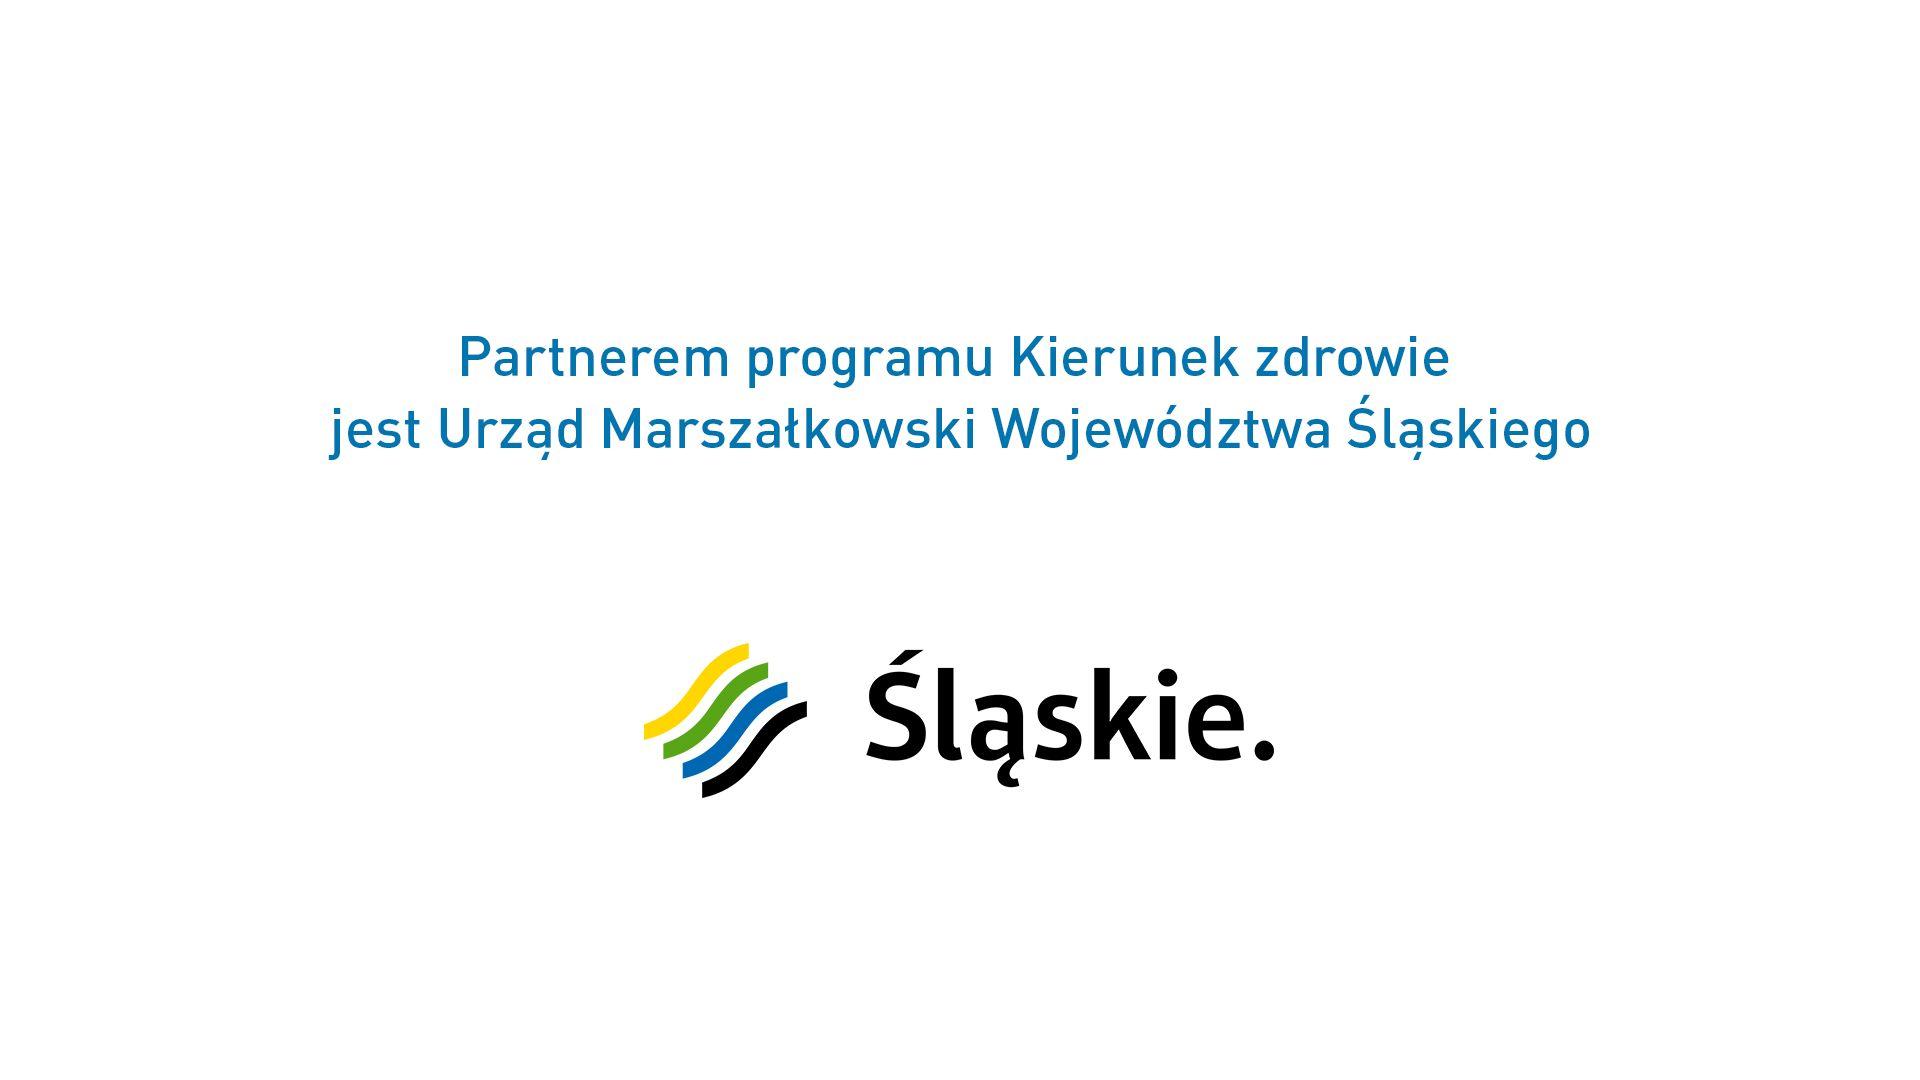 Kierunek Zdrowie - odc. 3 (fot. Urząd Marszałkowski Województwa Śląskiego)